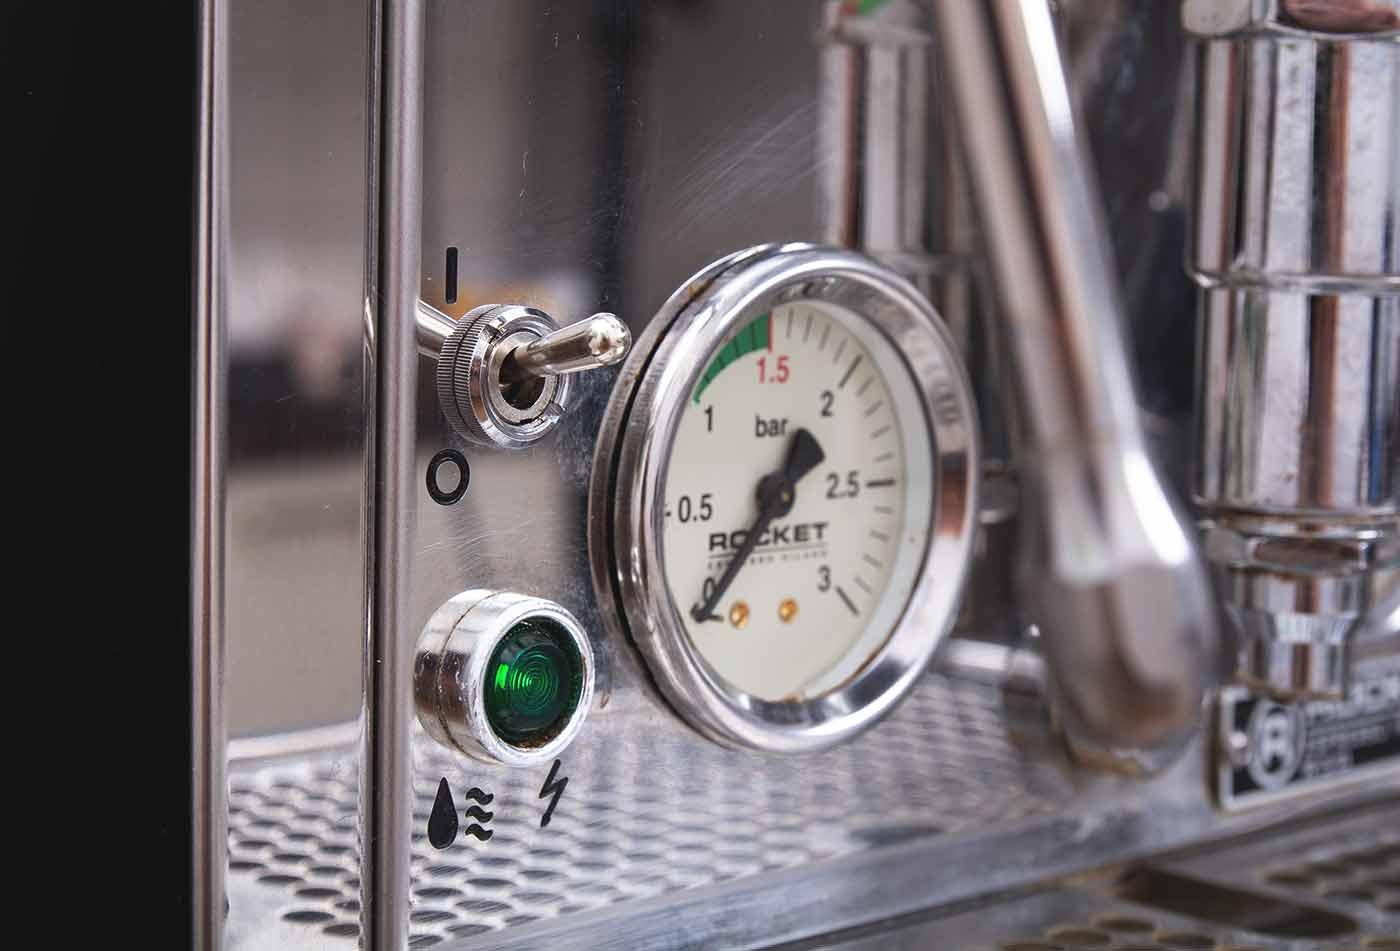 Schritt 1: Siebträgermaschine vorheizen – Espressozubereitung in der Siebträgermaschine.